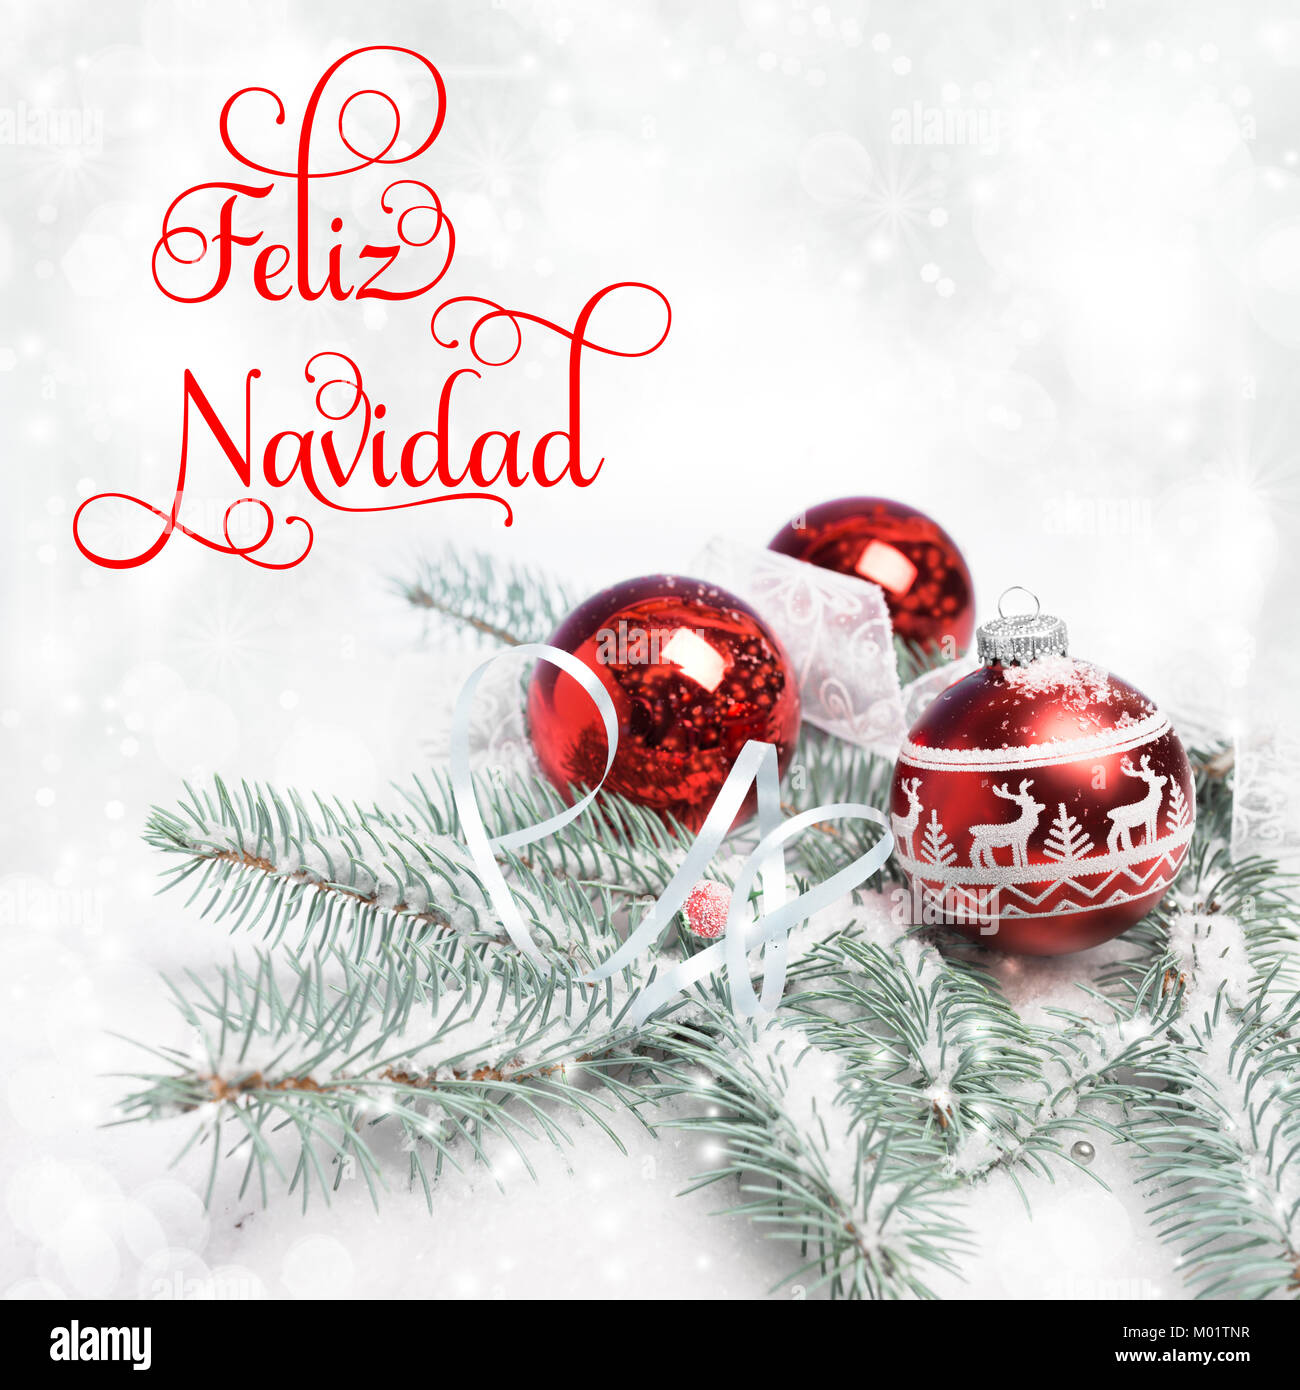 """Árbol de Navidad, decorado ramas sobre la nieve, el texto """"Feliz Navidad"""" o Feliz Navidad' en Imagen De Stock"""